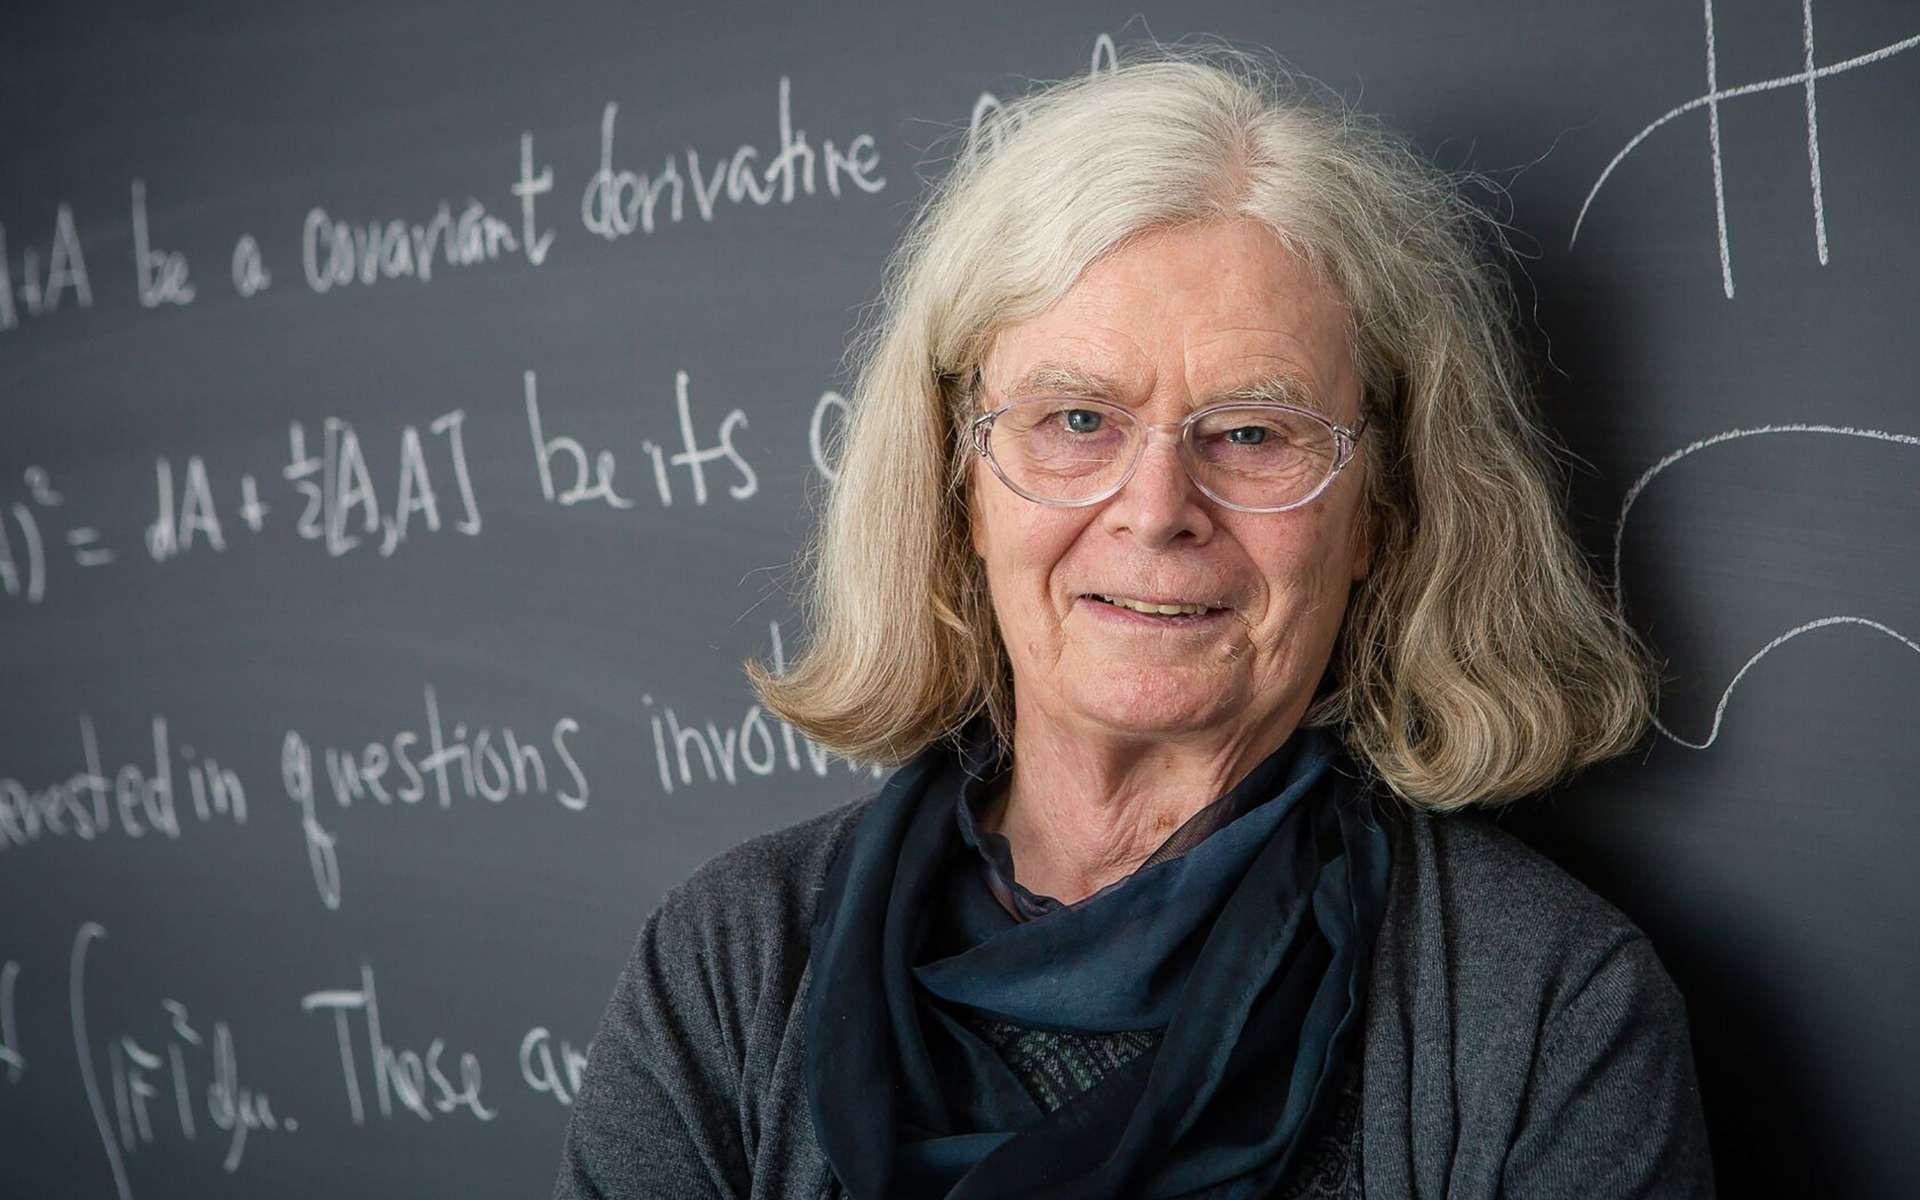 Karen Keskulla Uhlenbeck, lauréate du prix Abel de mathématiques, le 18 mars 2019 à Princeton, New Jersey. © Andrea Kane, Norwegian Academy of Science and Letters, AFP